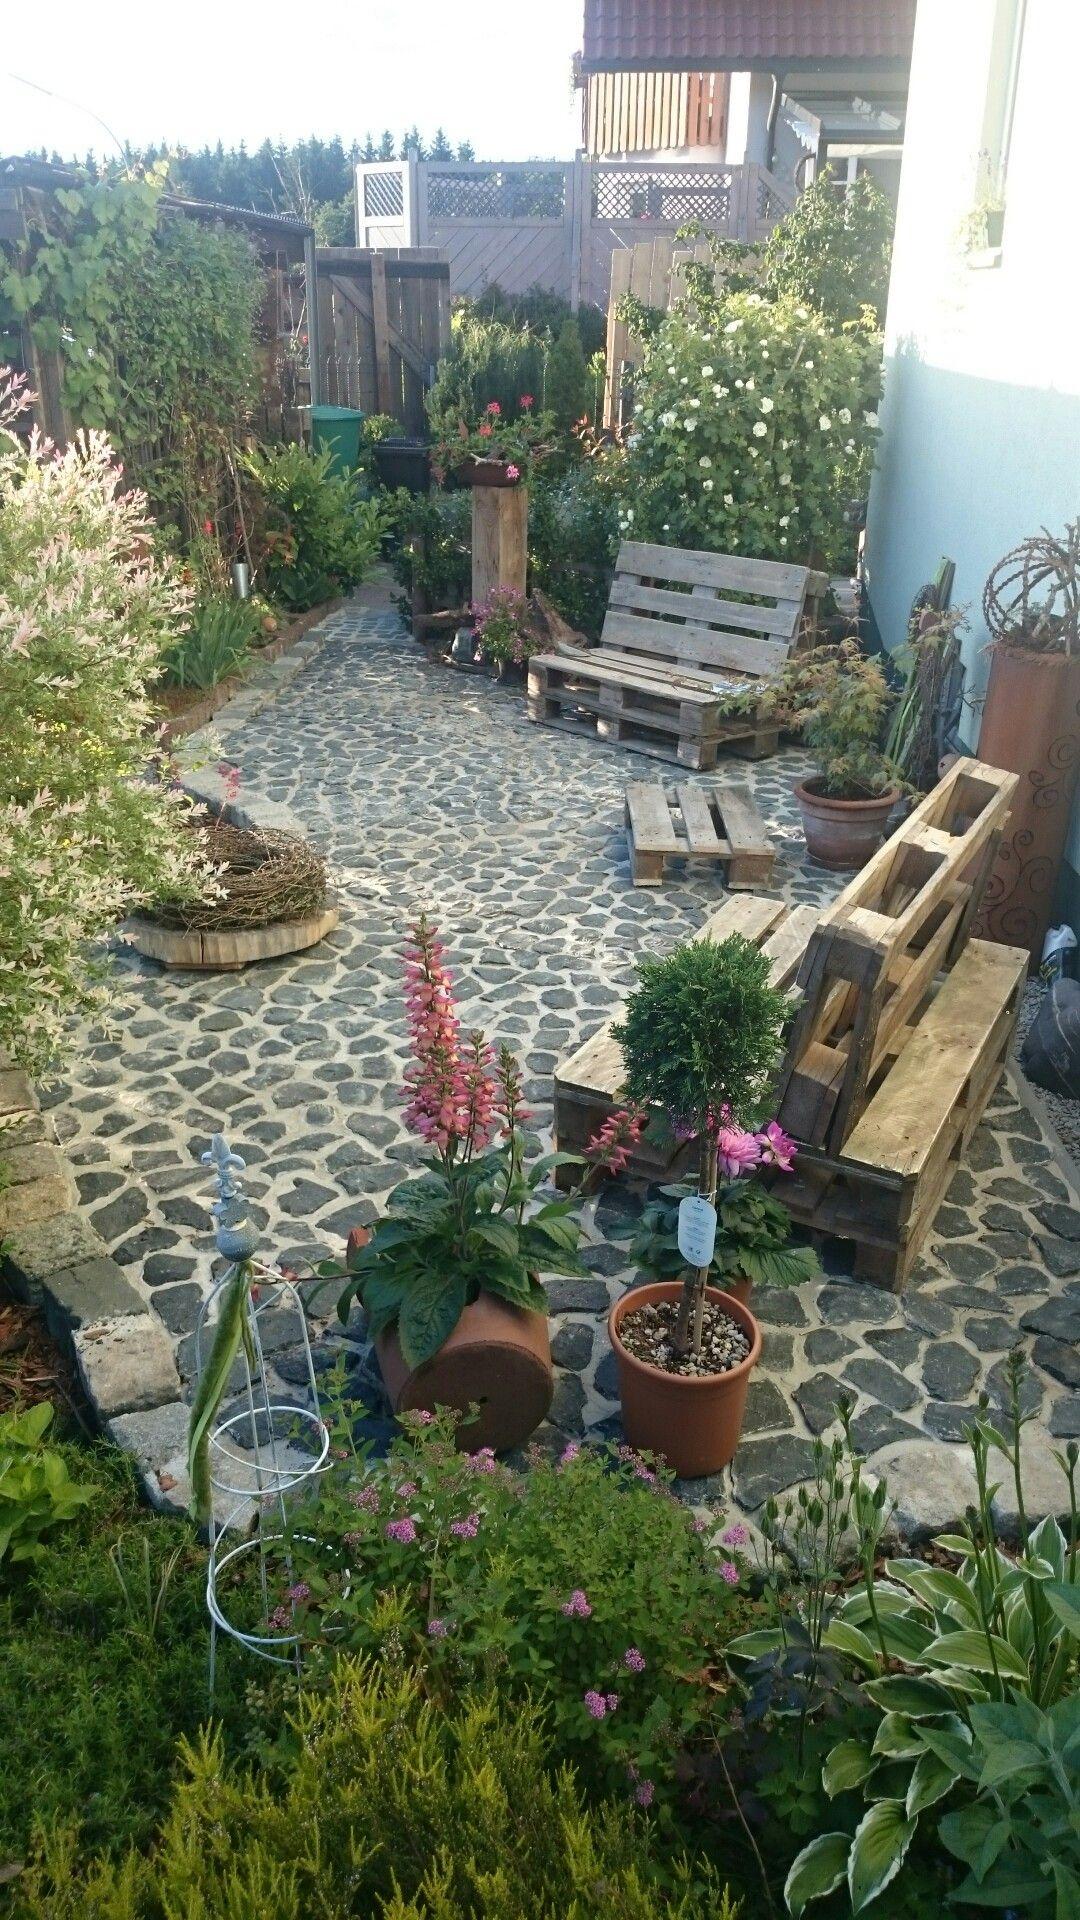 Meine Neue Chillecke Garten Garten Deko Garten Ideen